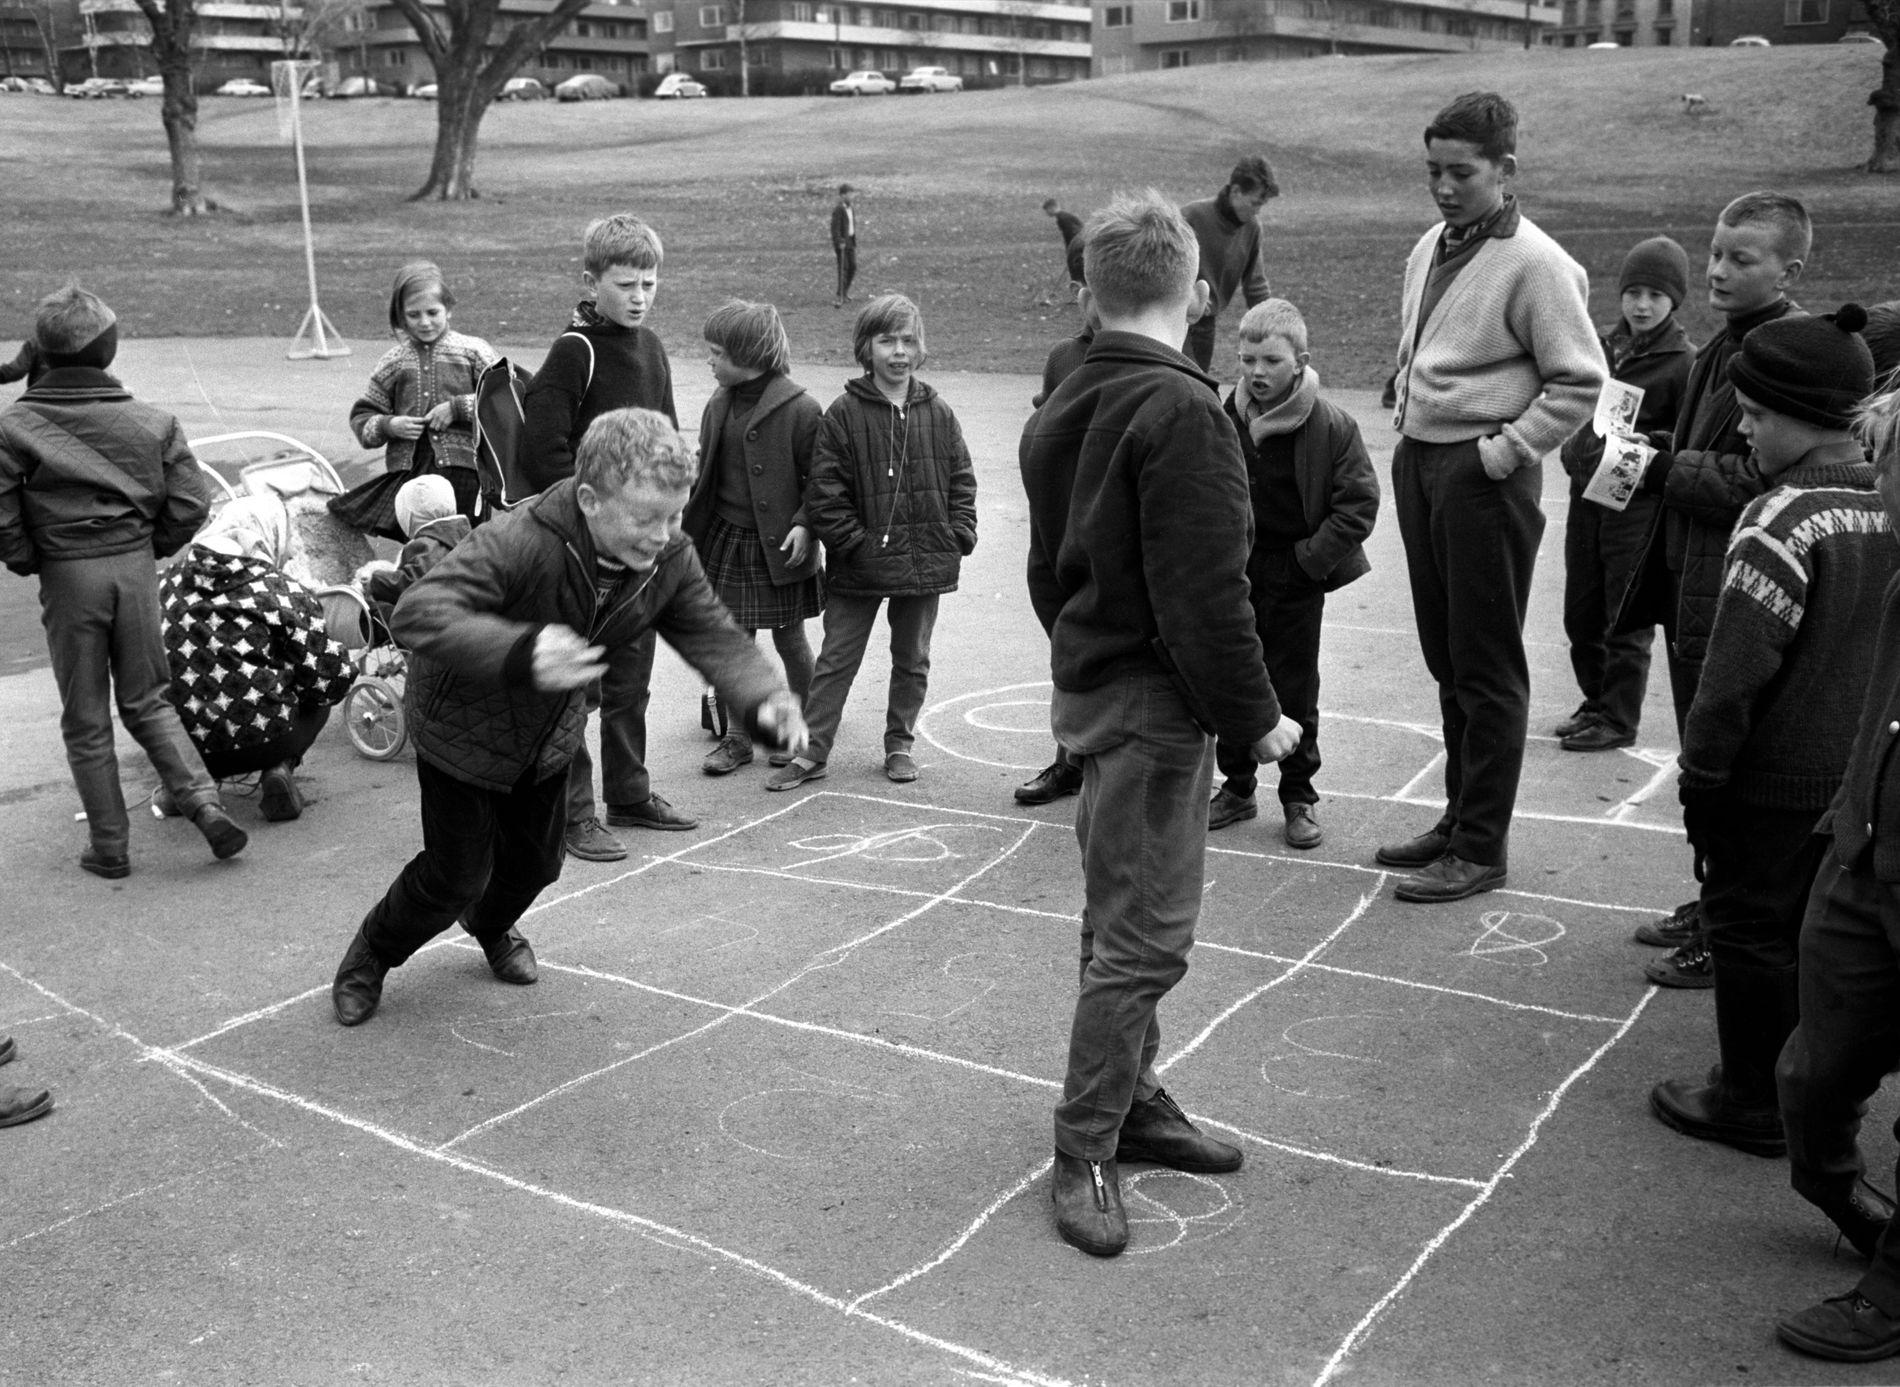 GUTTER VAR GUTTER: Dette bildet fra Marienlyst i Oslo i 1964 er fra den tiden da gutter var gutter og hadde lyse fremtidsutsikter på mange områder. Nå må vi tenke på guttenes likestillingsutfordringer.